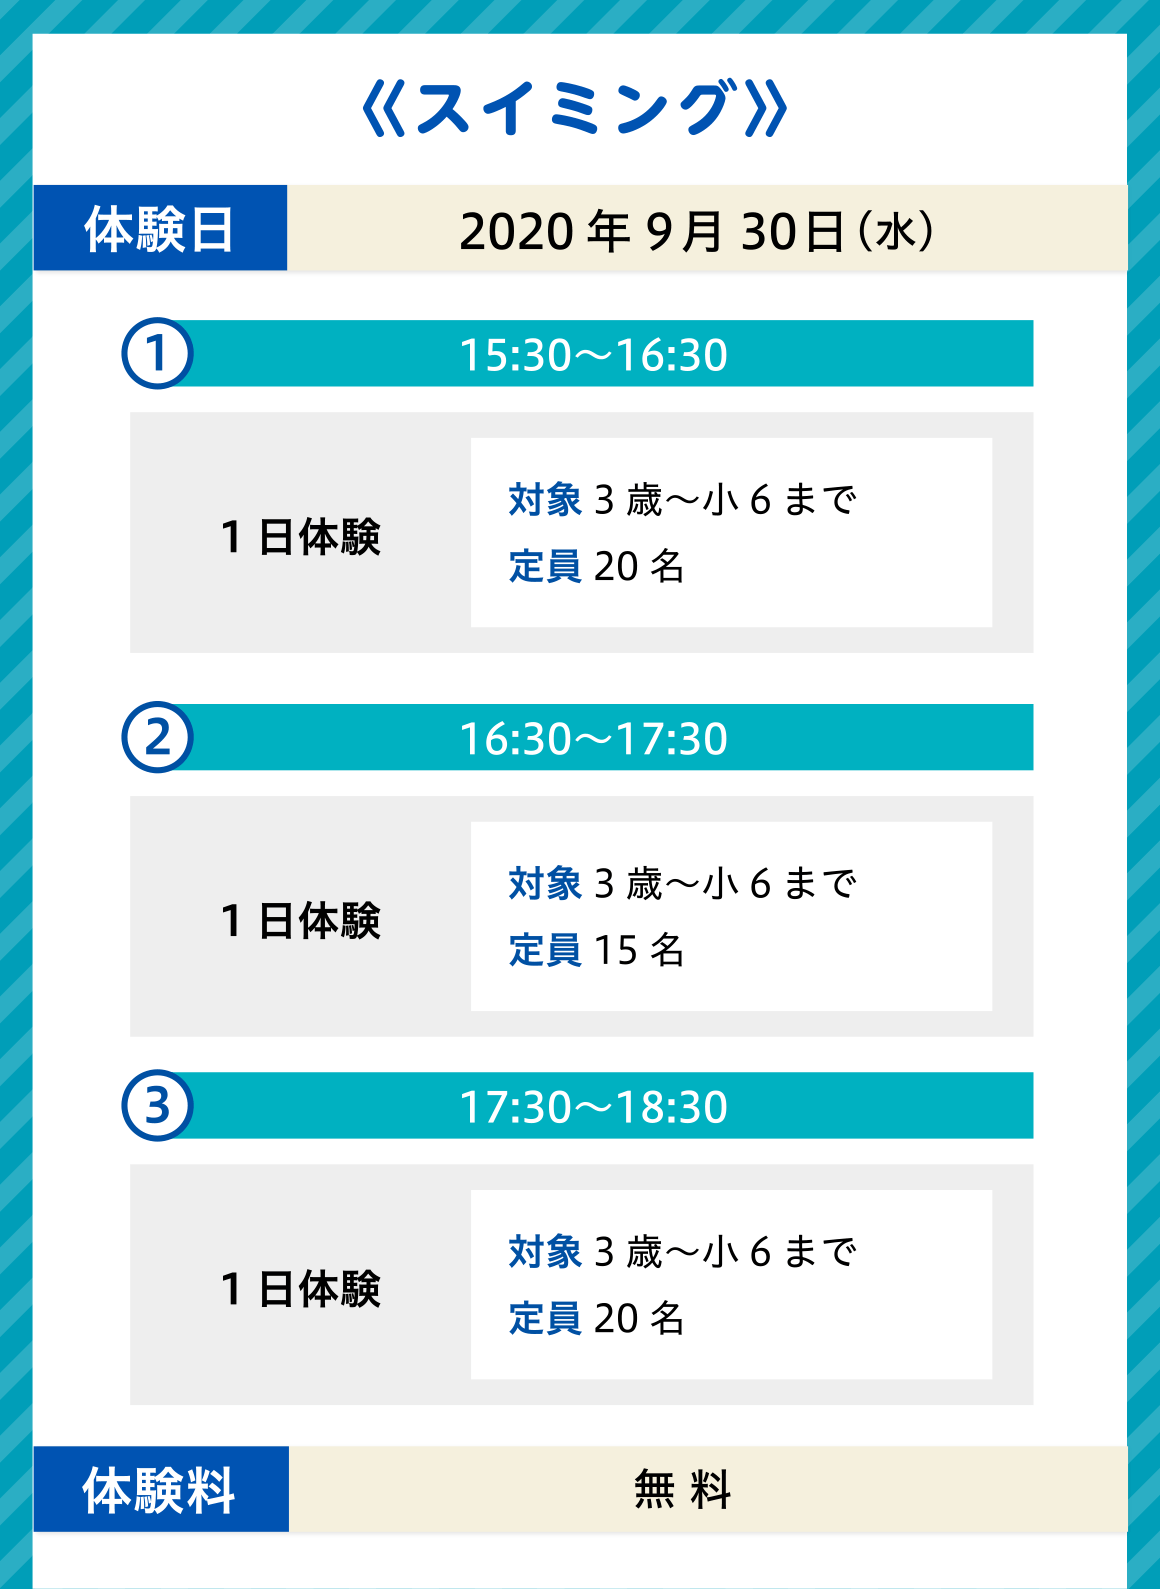 〈スイミング〉体験日:2020年9月30日(水)